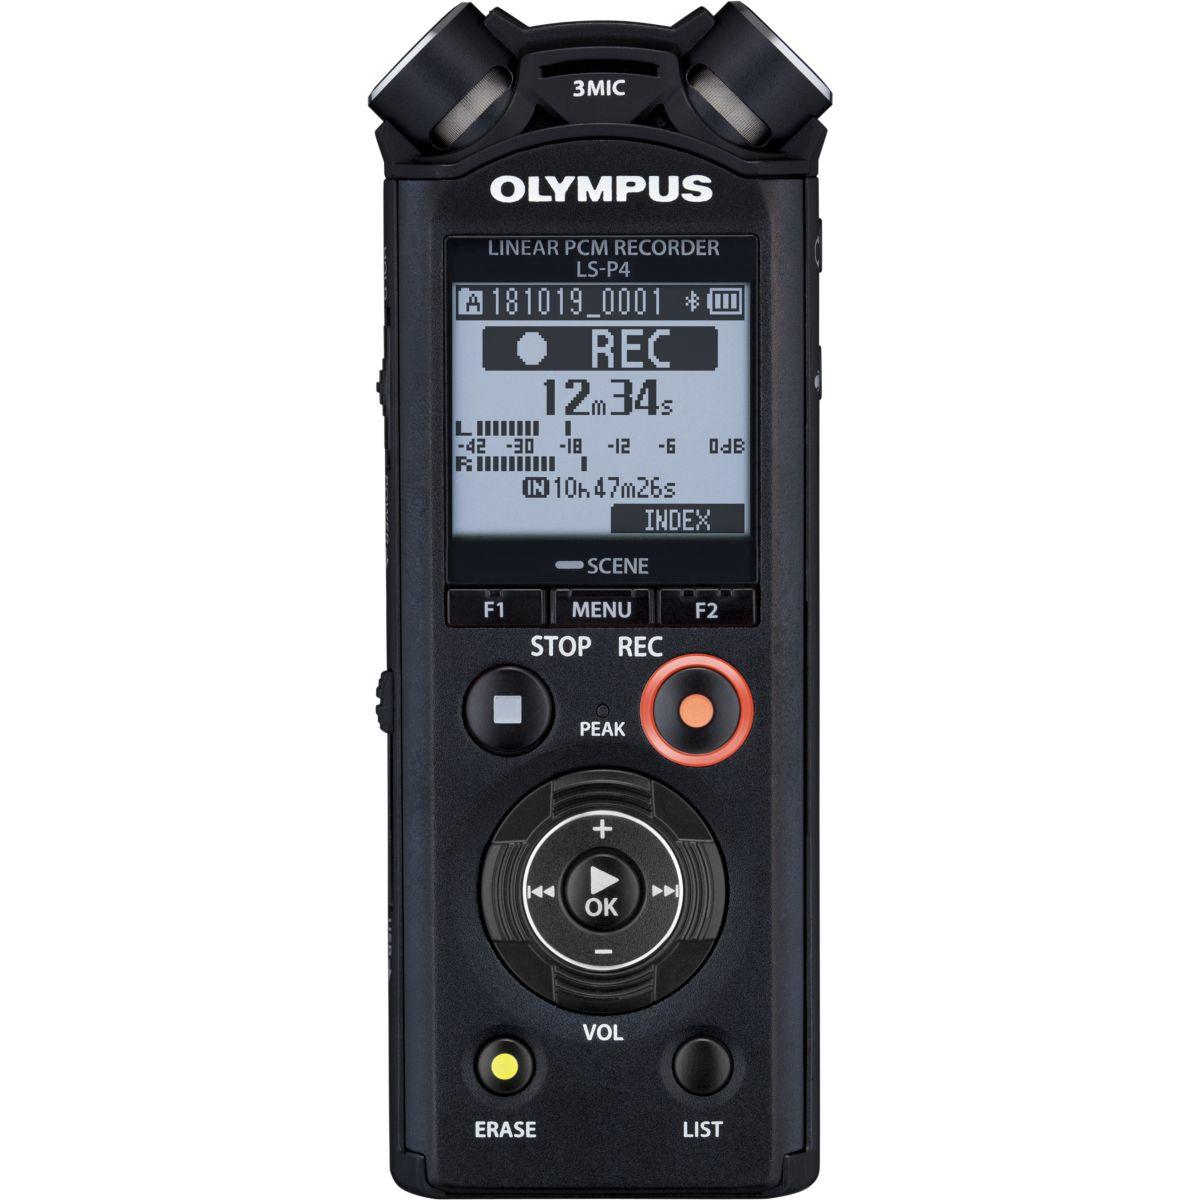 Dictaphone OLYMPUS LS-P4 (photo)